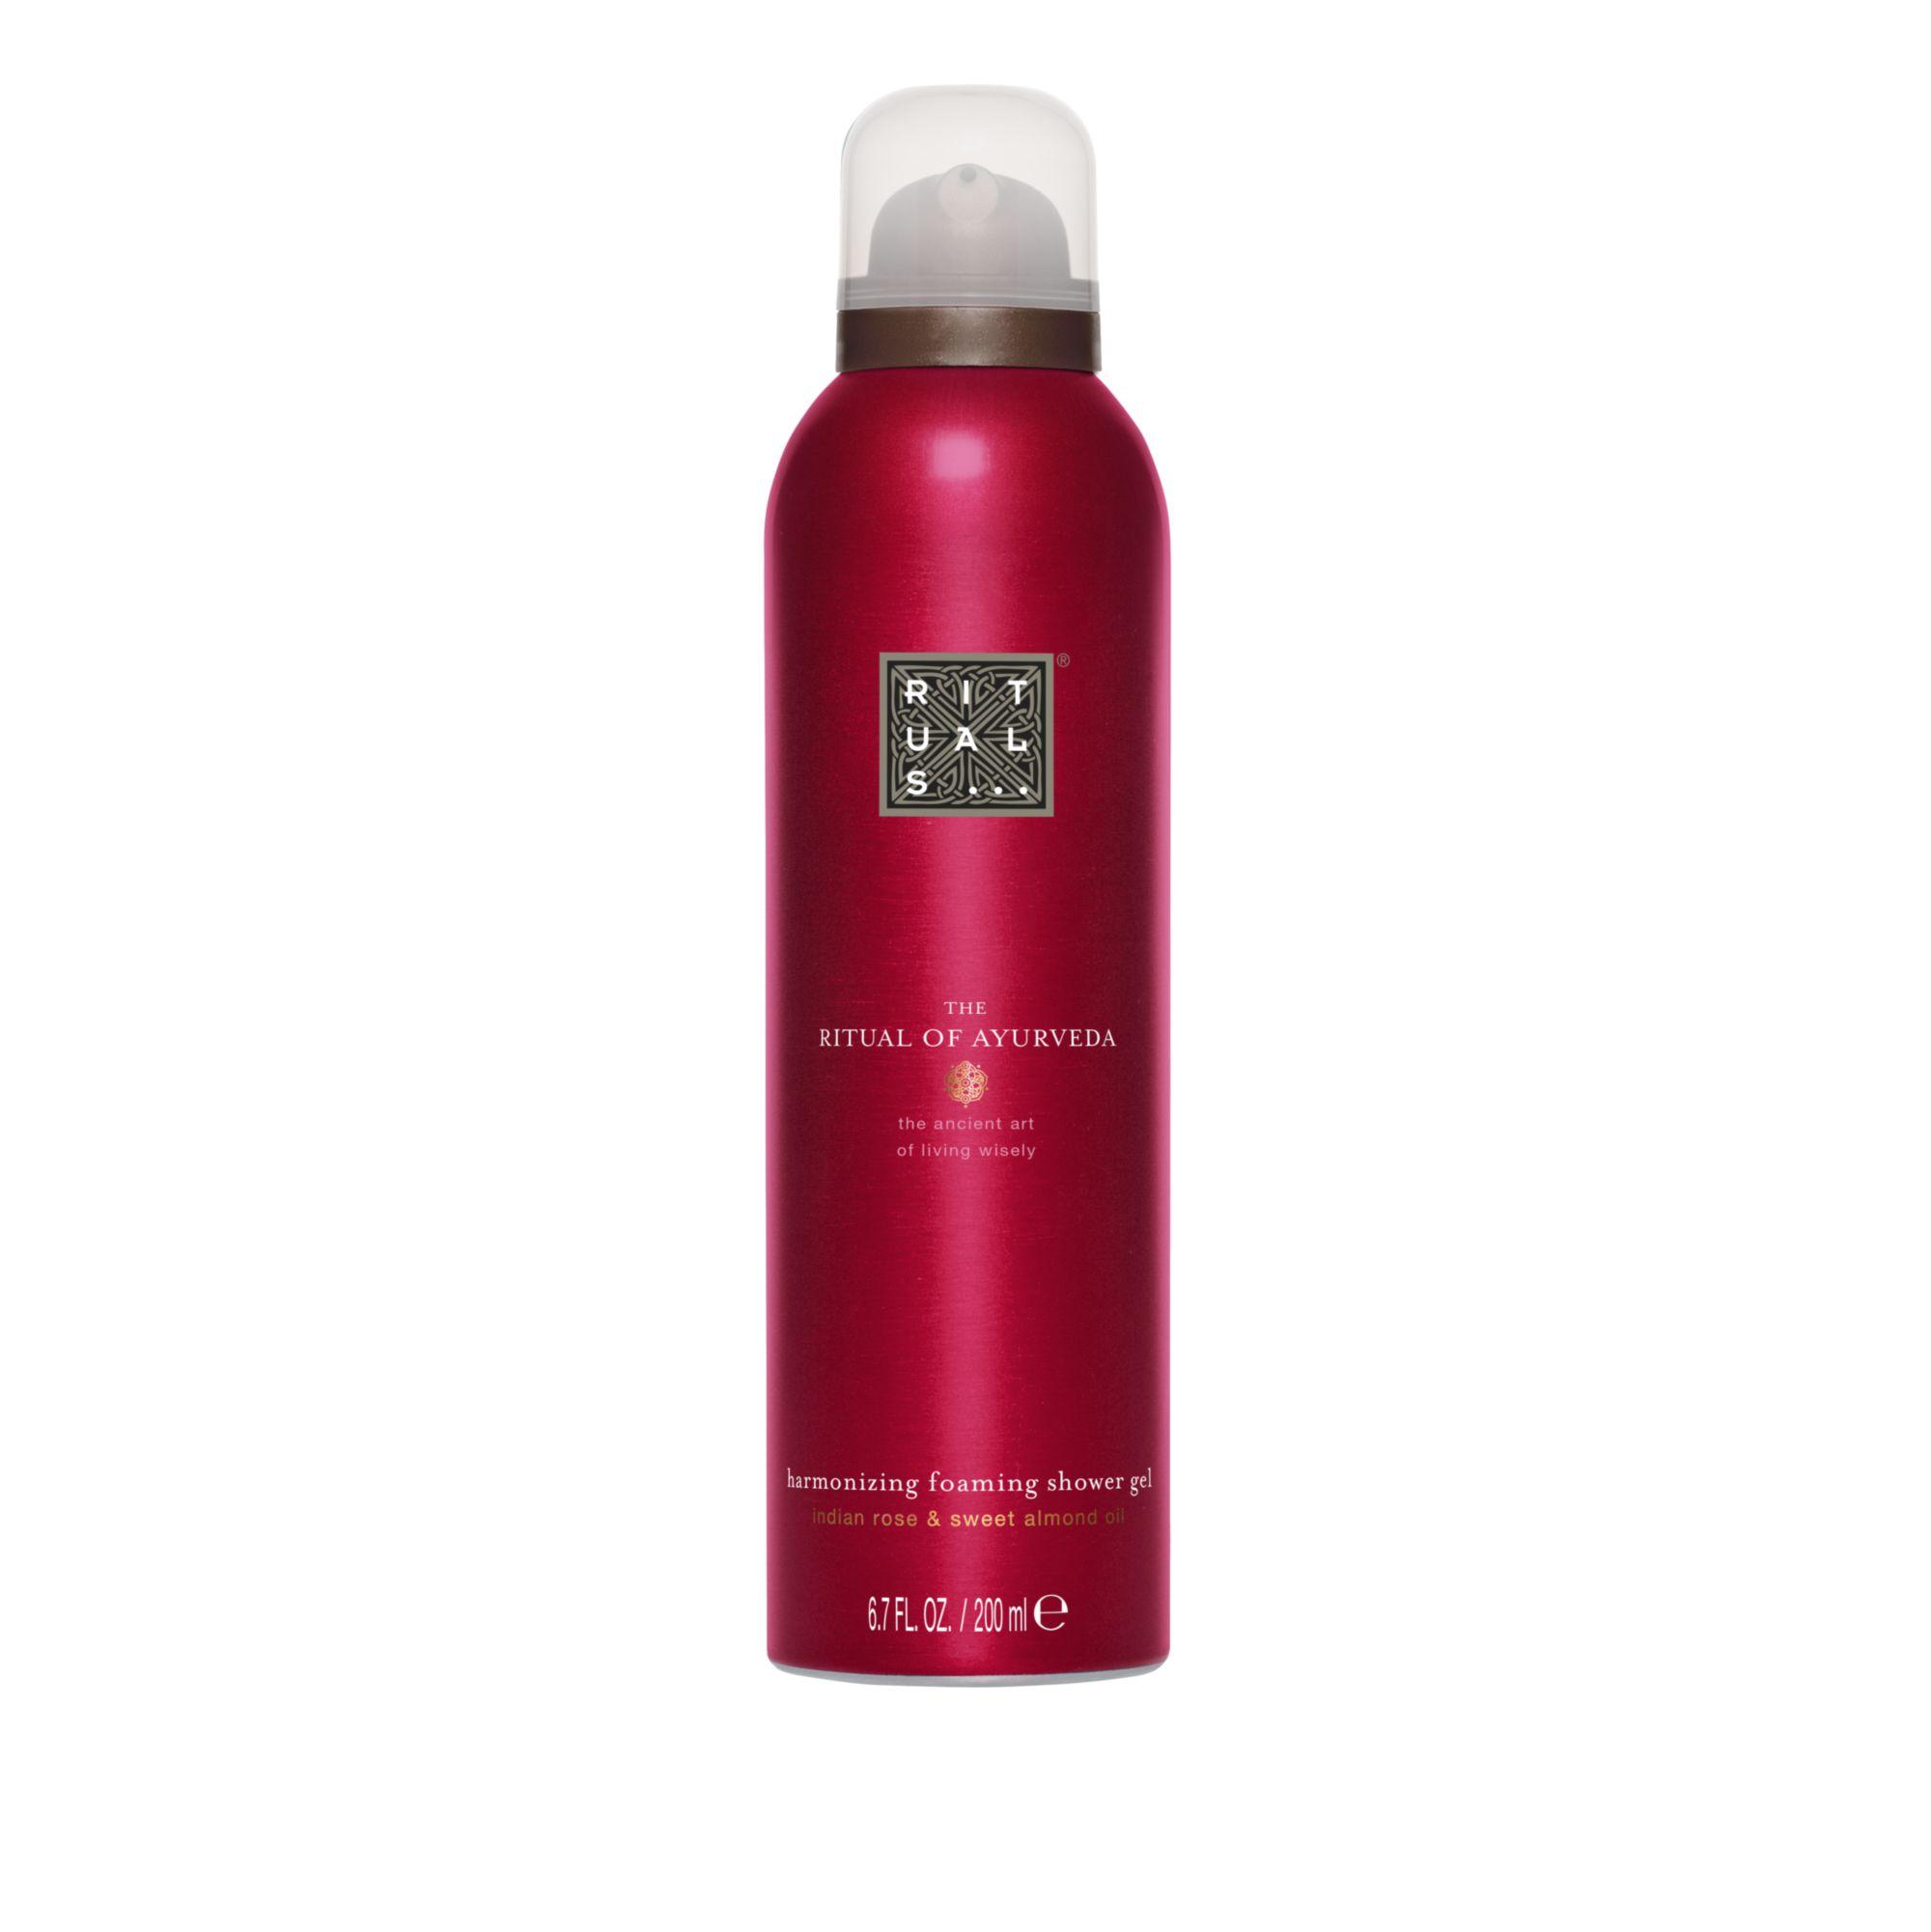 Rituals The Ritual of Ayurveda Foaming Shower Gel, 200 ml